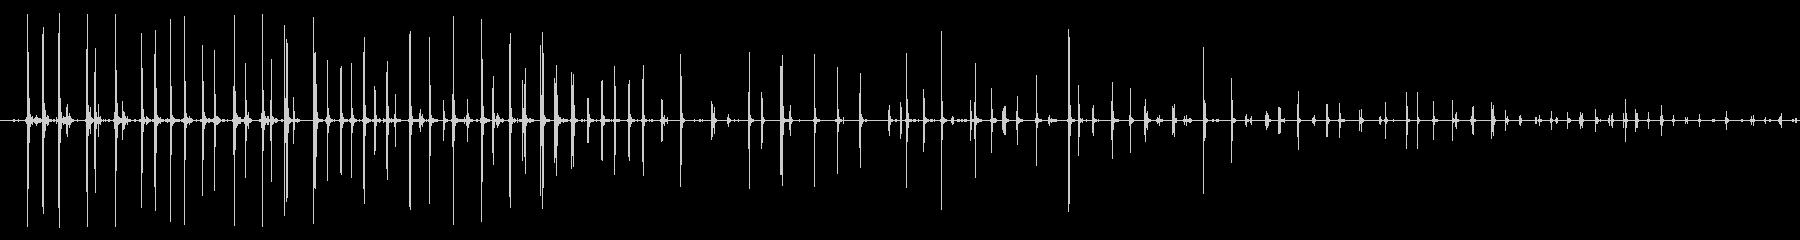 フォリー・フットステップ、重いオン...の未再生の波形